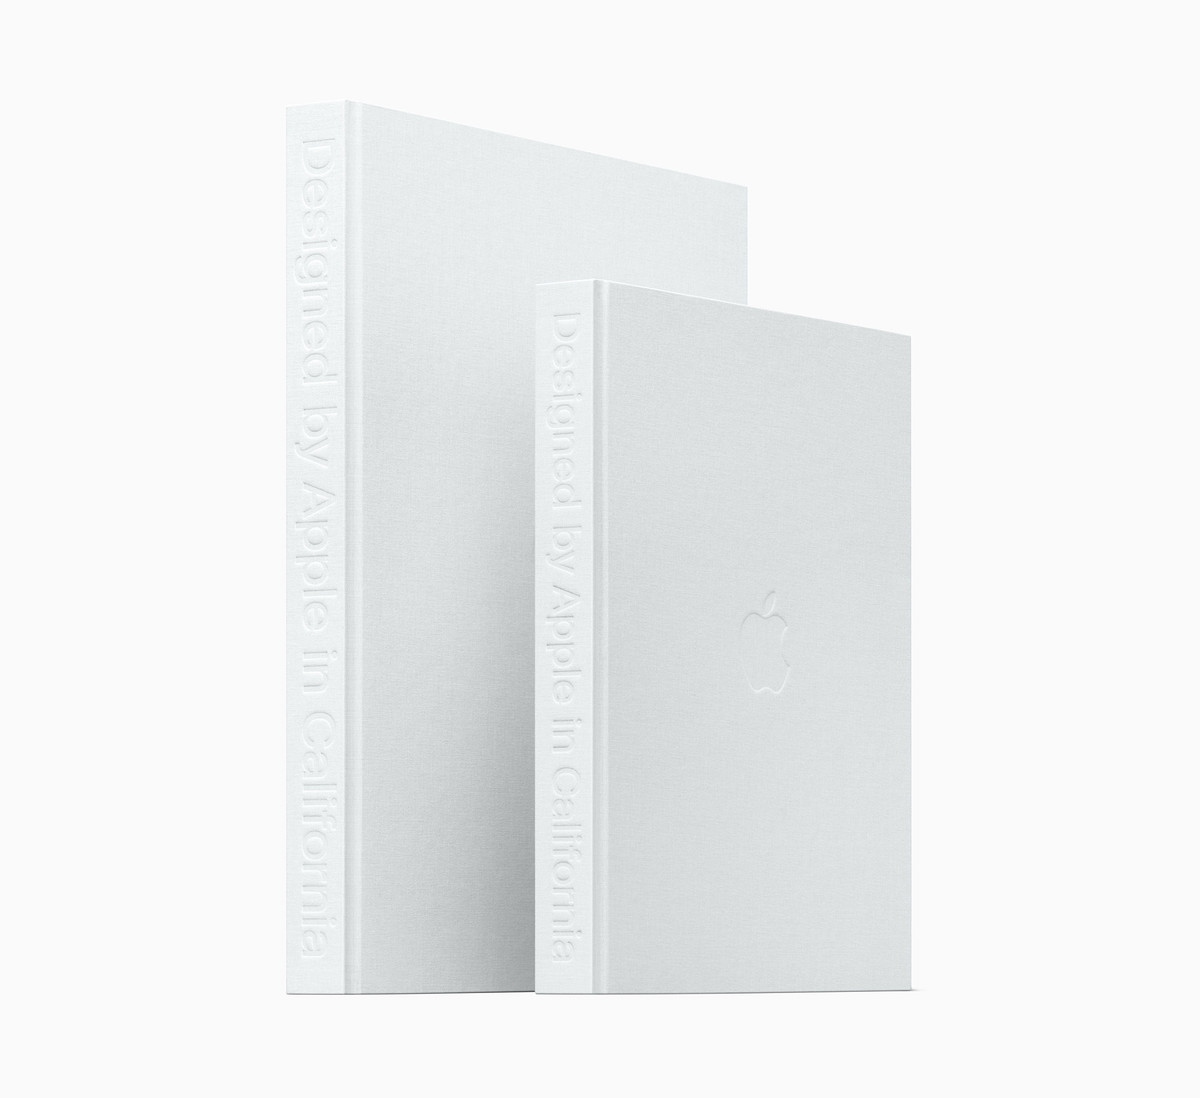 """""""Apple"""", 300$ dəyərində """"Designed by Apple in California"""" adlı kitabını satışa çıxarır"""